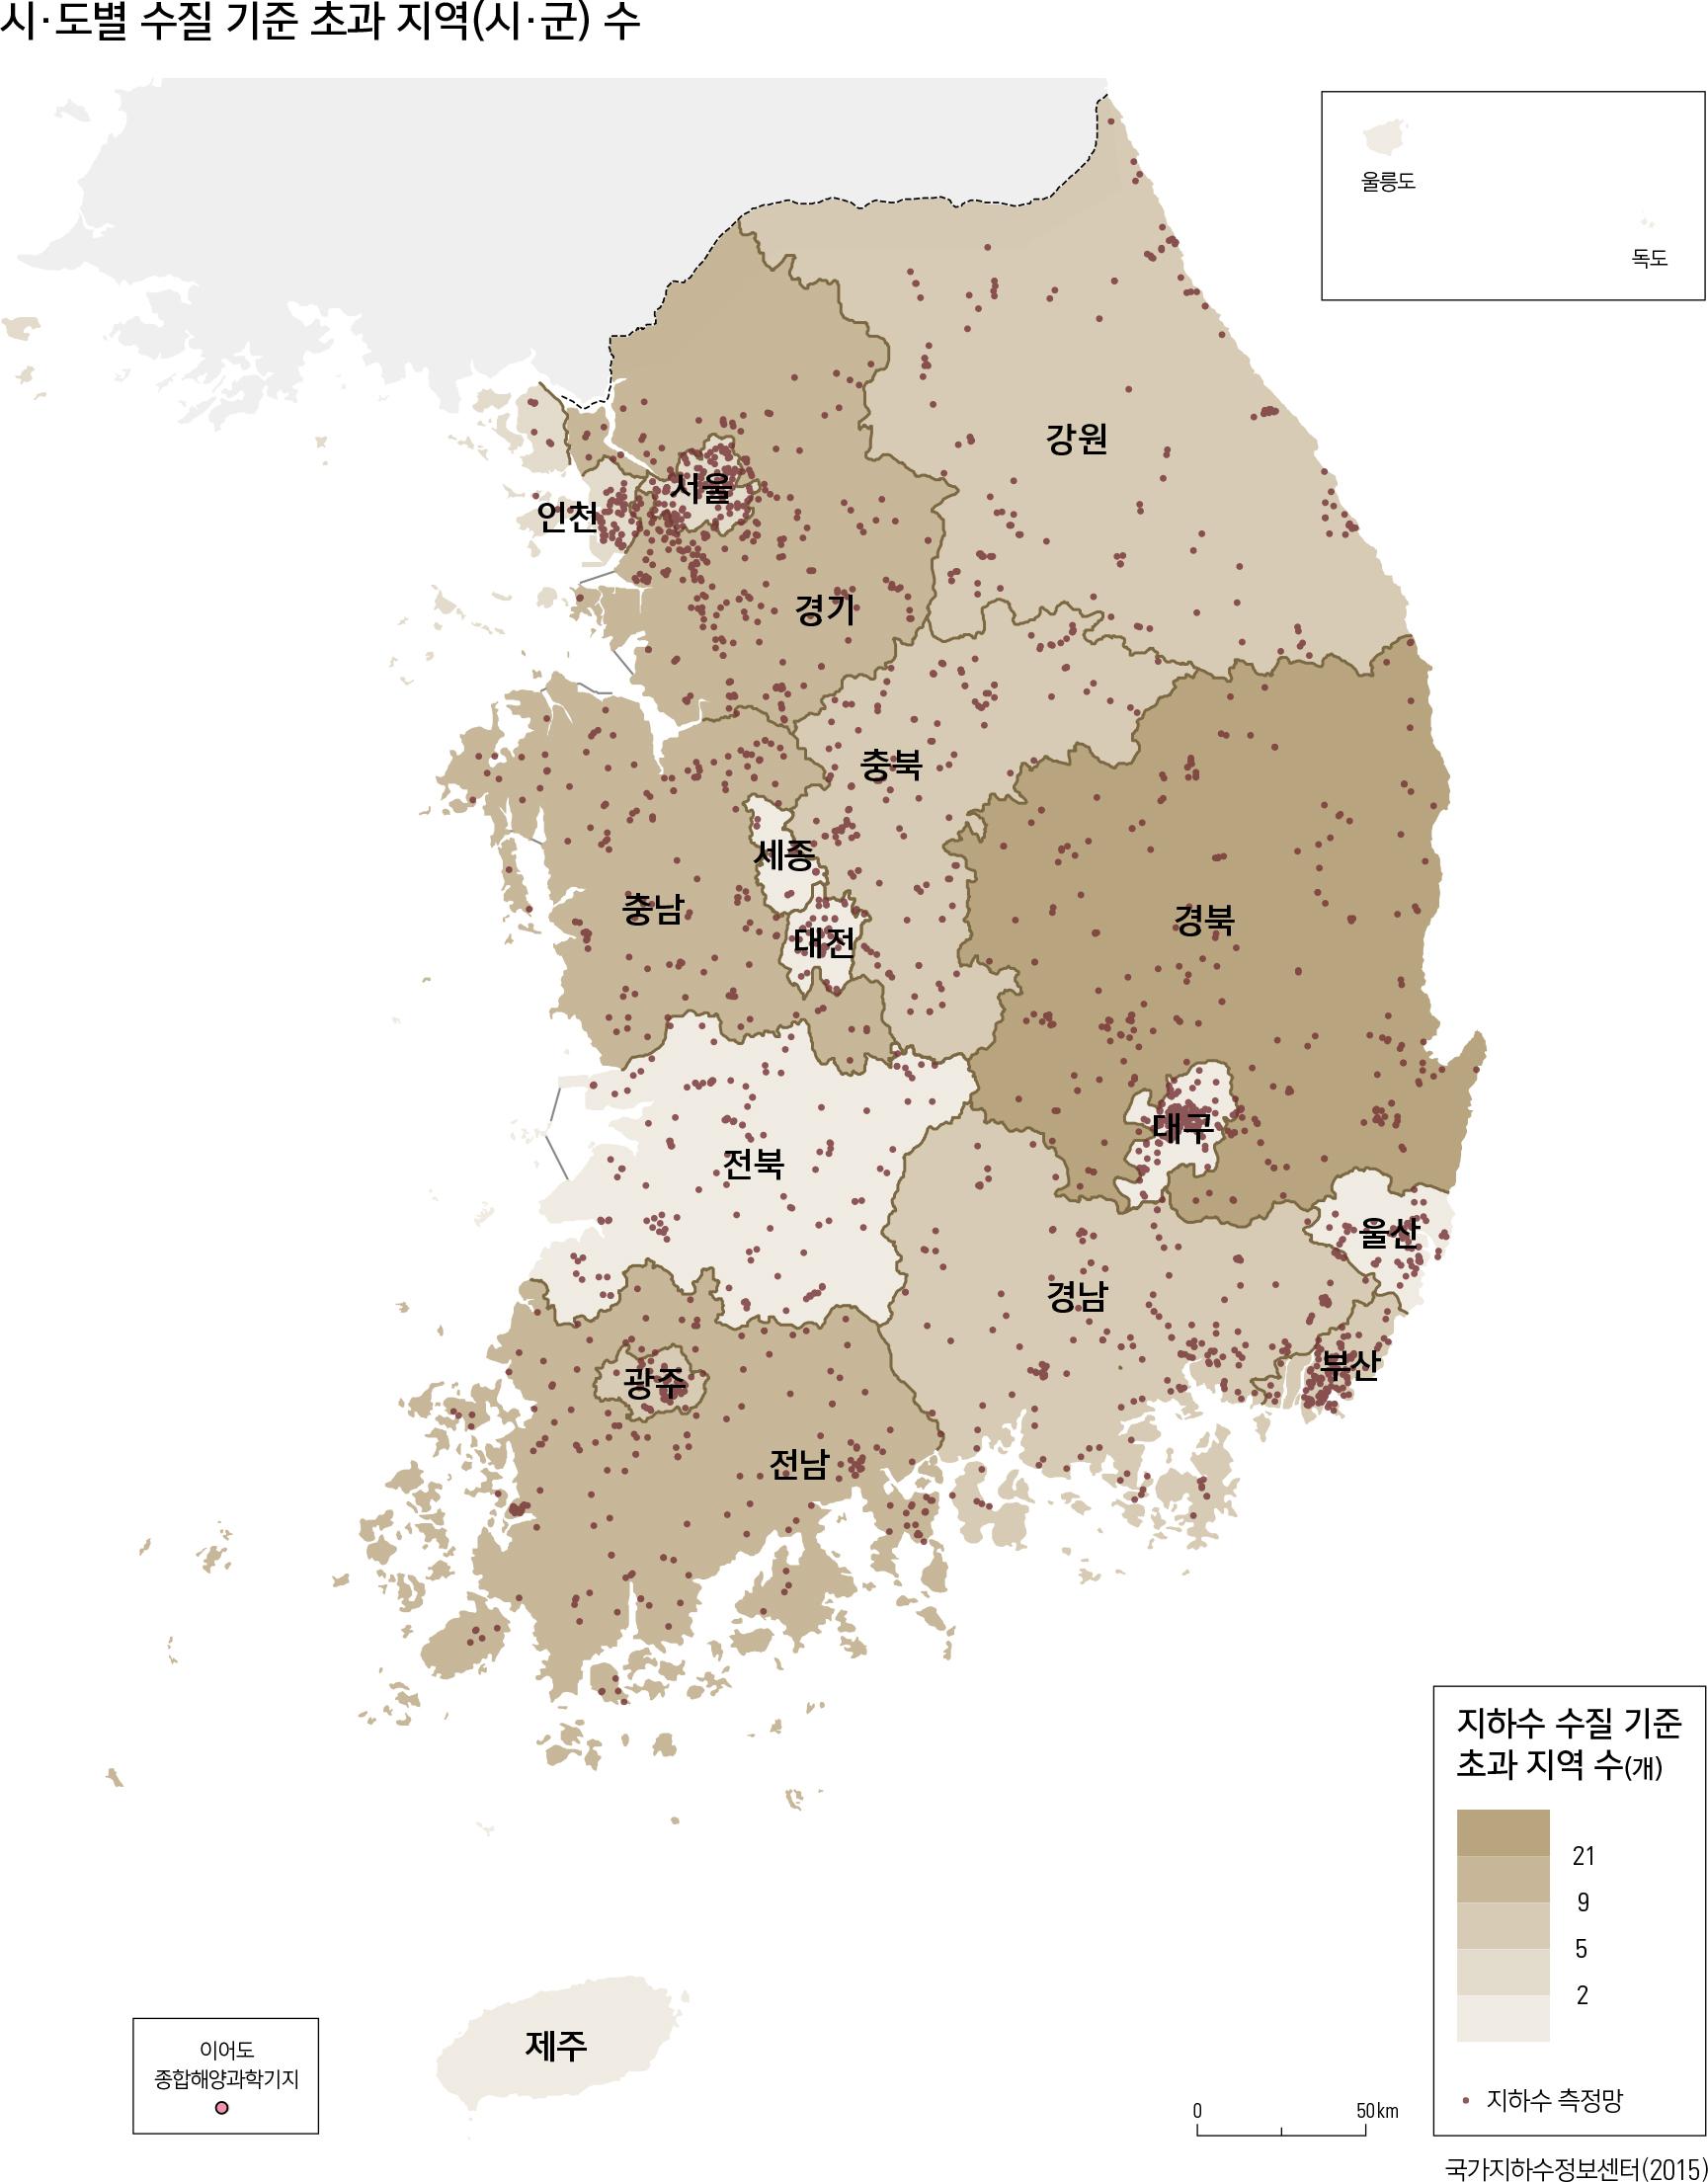 시·도별 수질 기준 초과 지역(시·군) 수